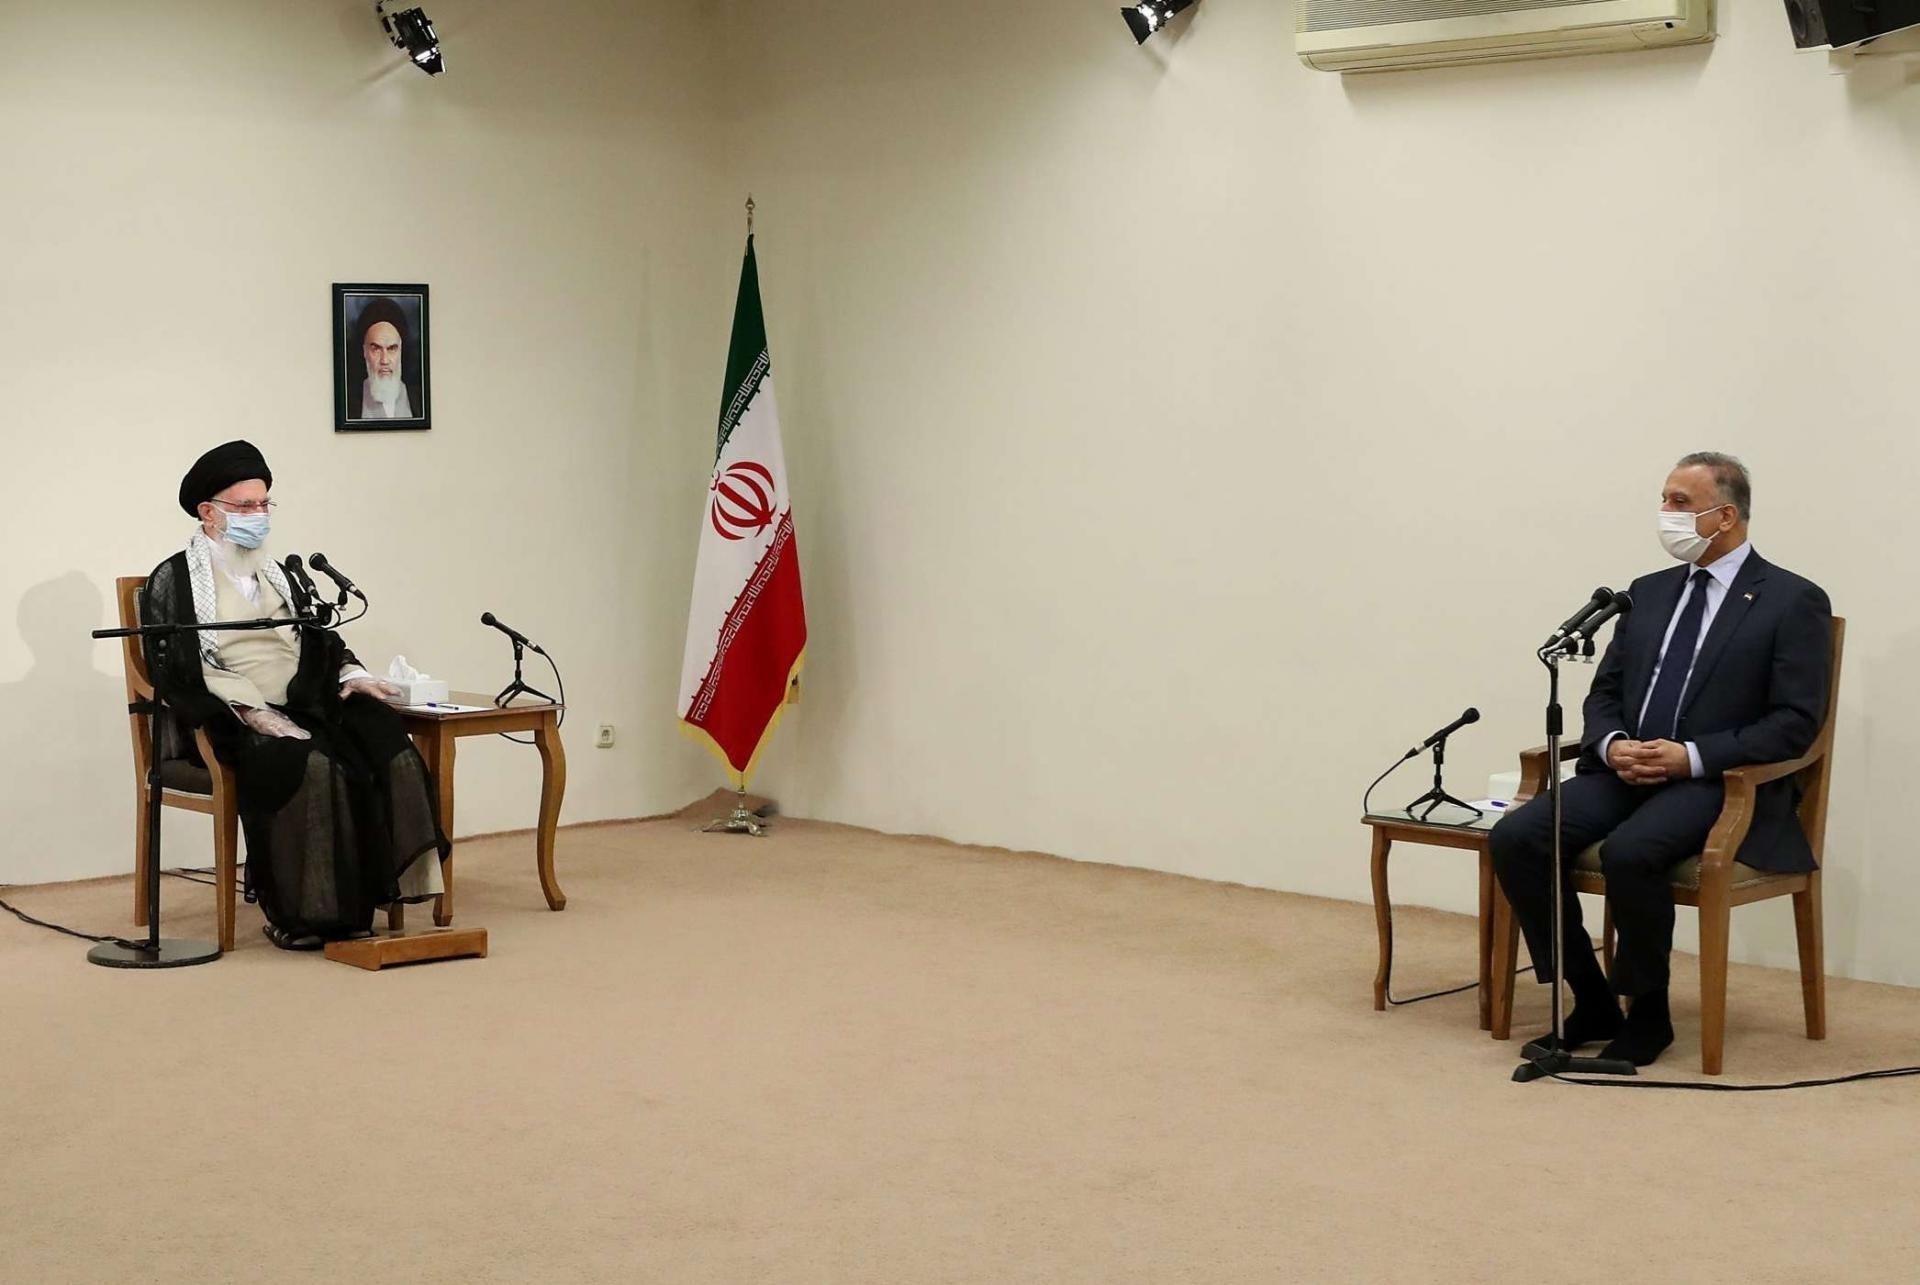 المرشد الإيراني مستقبلاً رئيس الحكومة العراقية